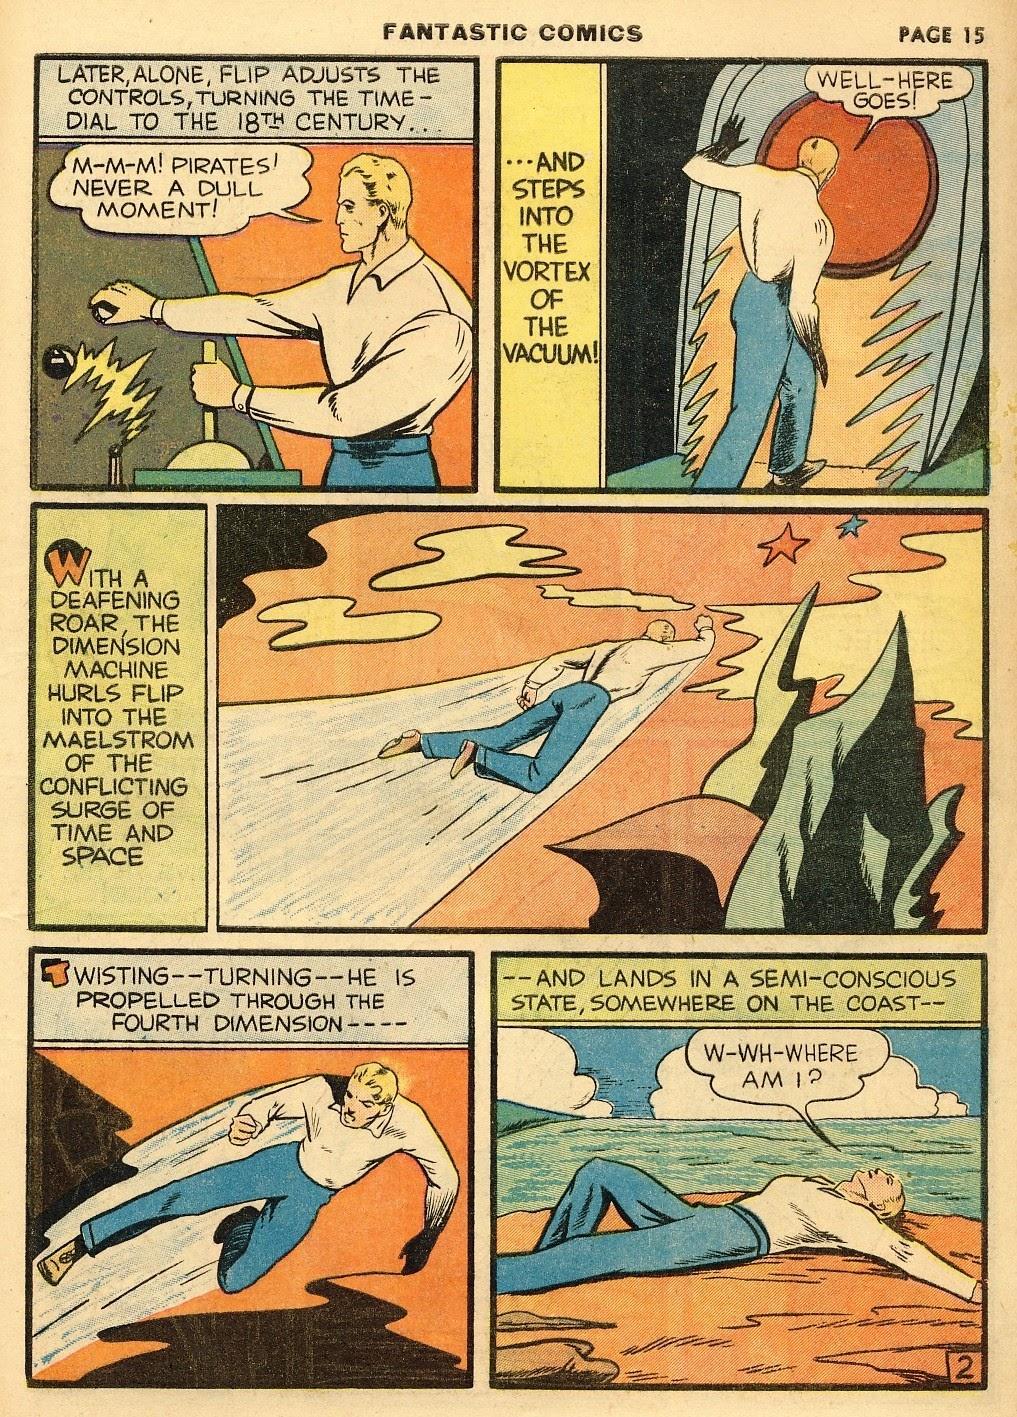 Read online Fantastic Comics comic -  Issue #10 - 16